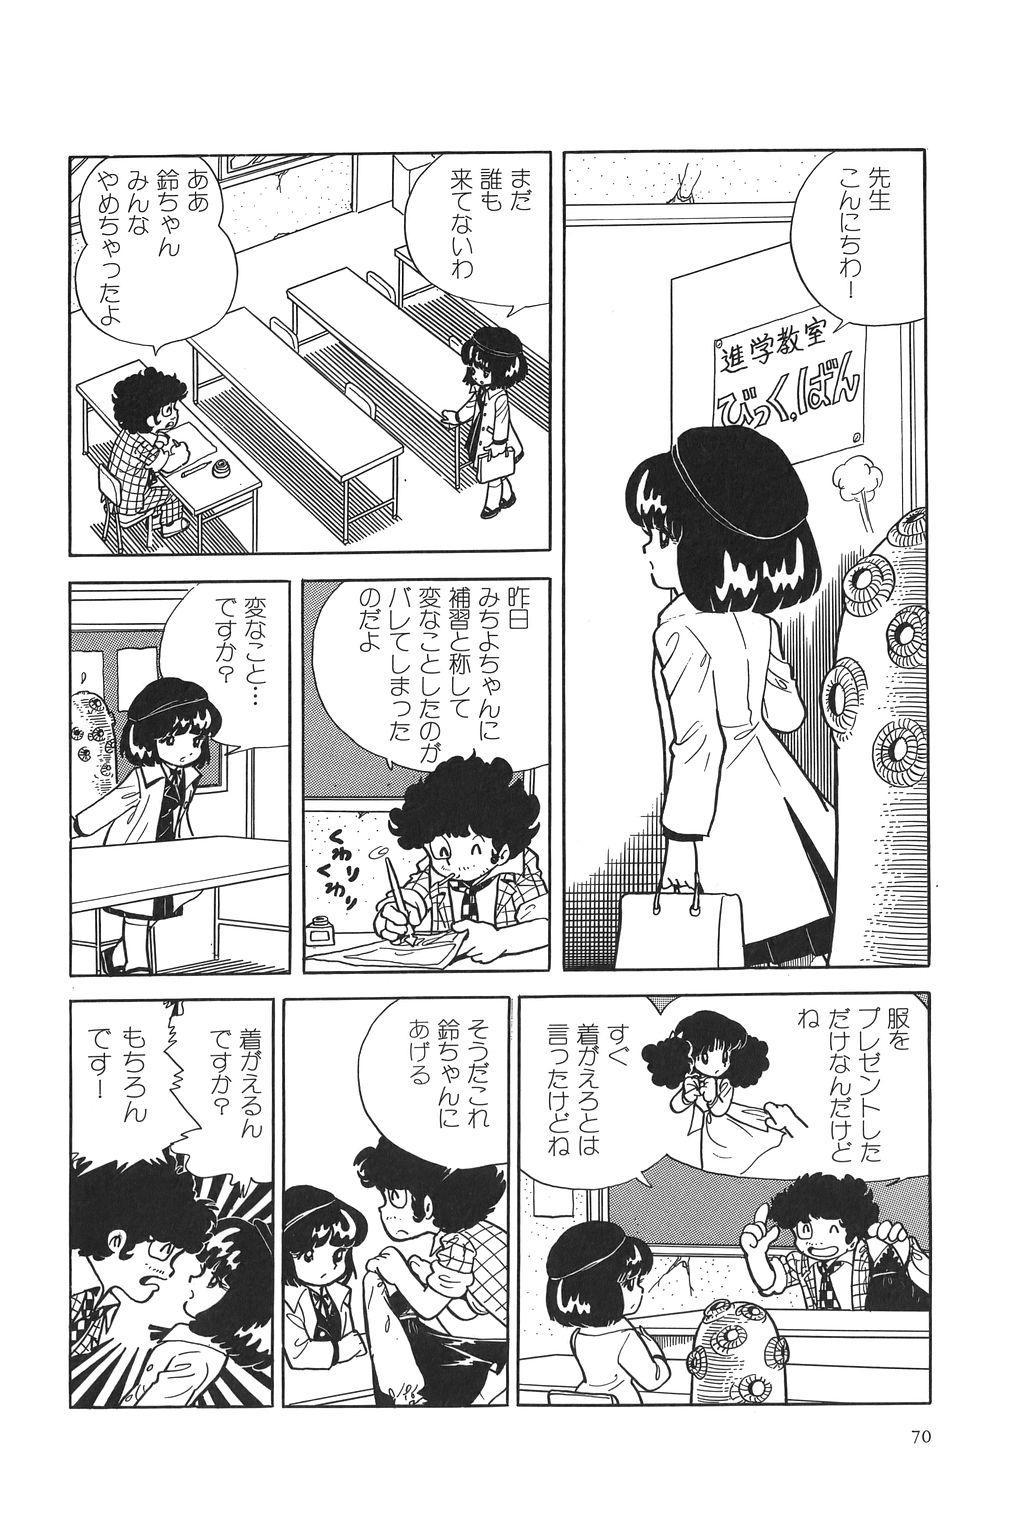 Azuma Hideo Sakuhin Shuusei - Yoru no Tobari no Naka de 74